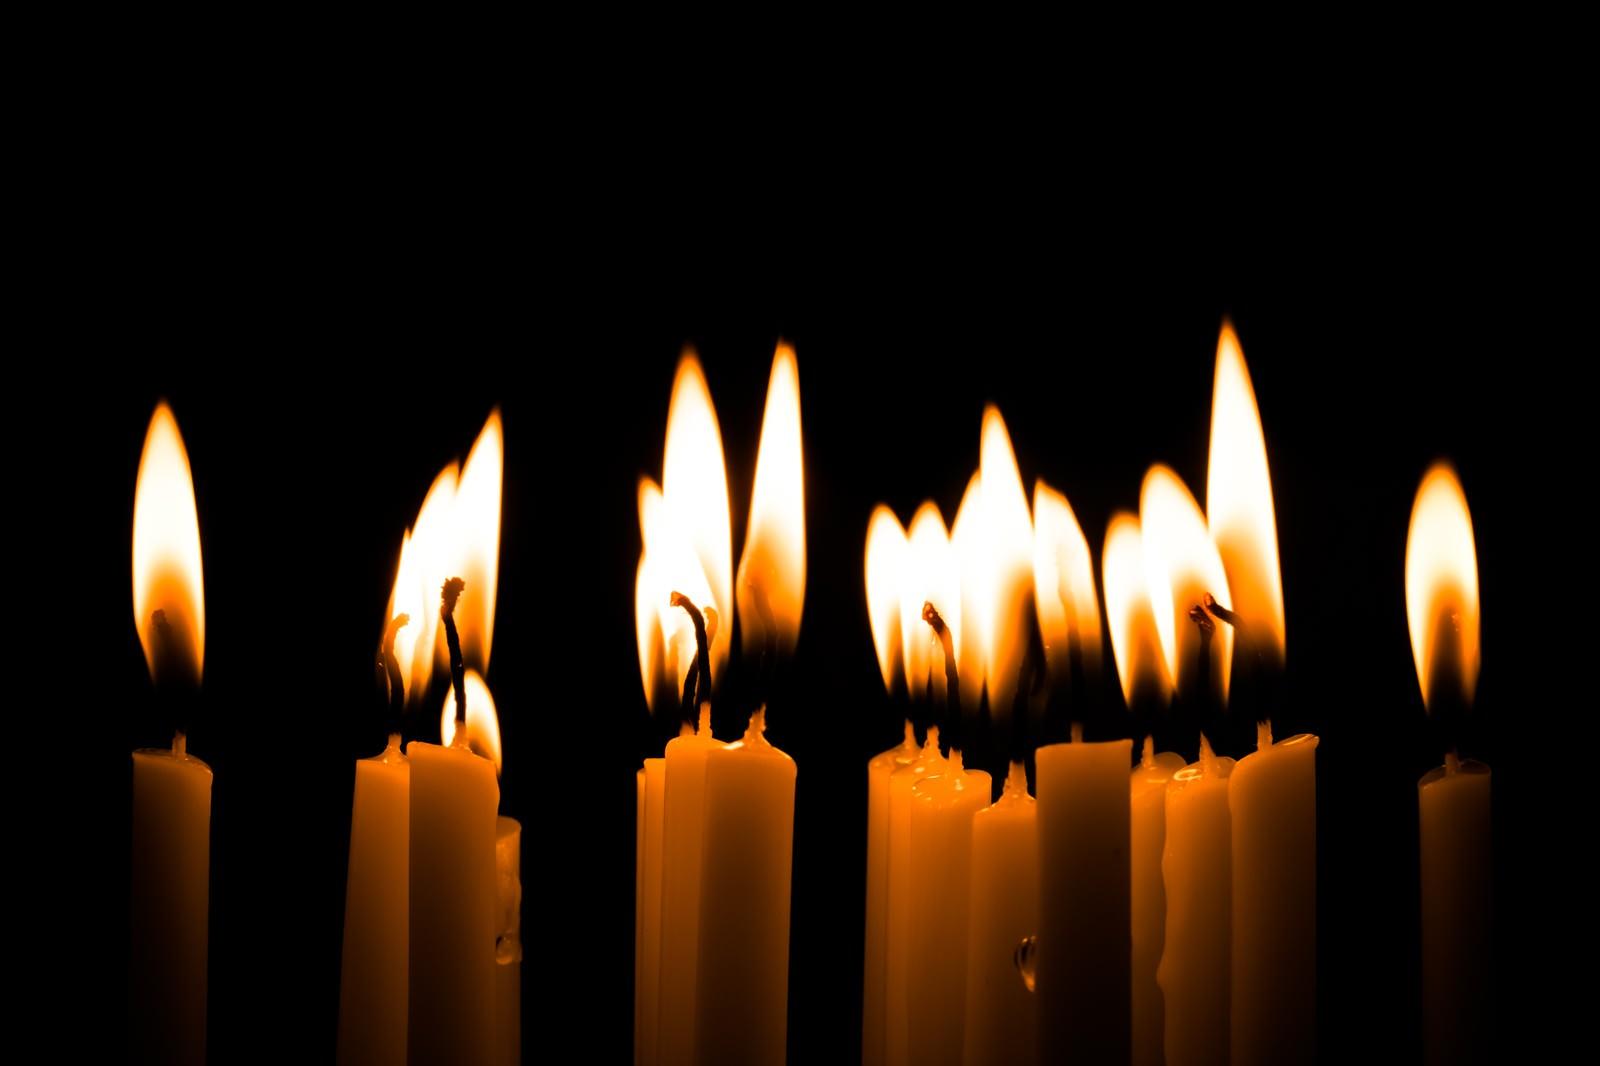 「和蝋燭(キャンドル)ナイト」の写真